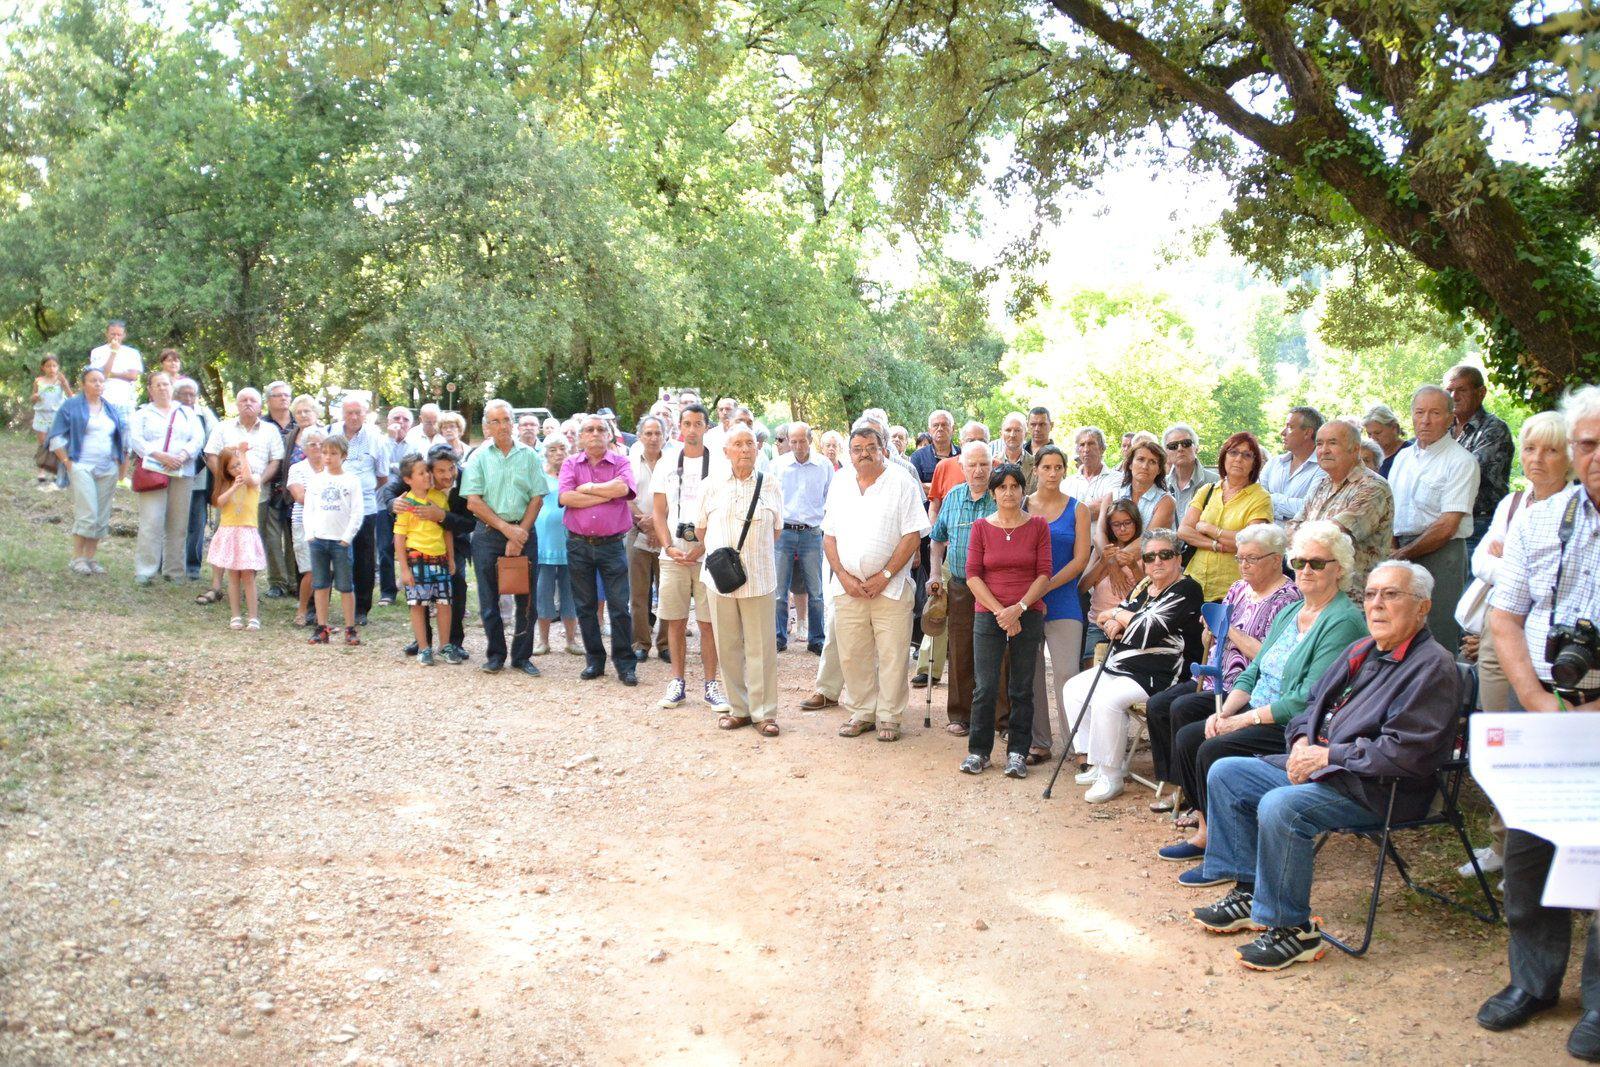 Commémoration à Vins sur Carami  le mercredi 29 juillet à 18h